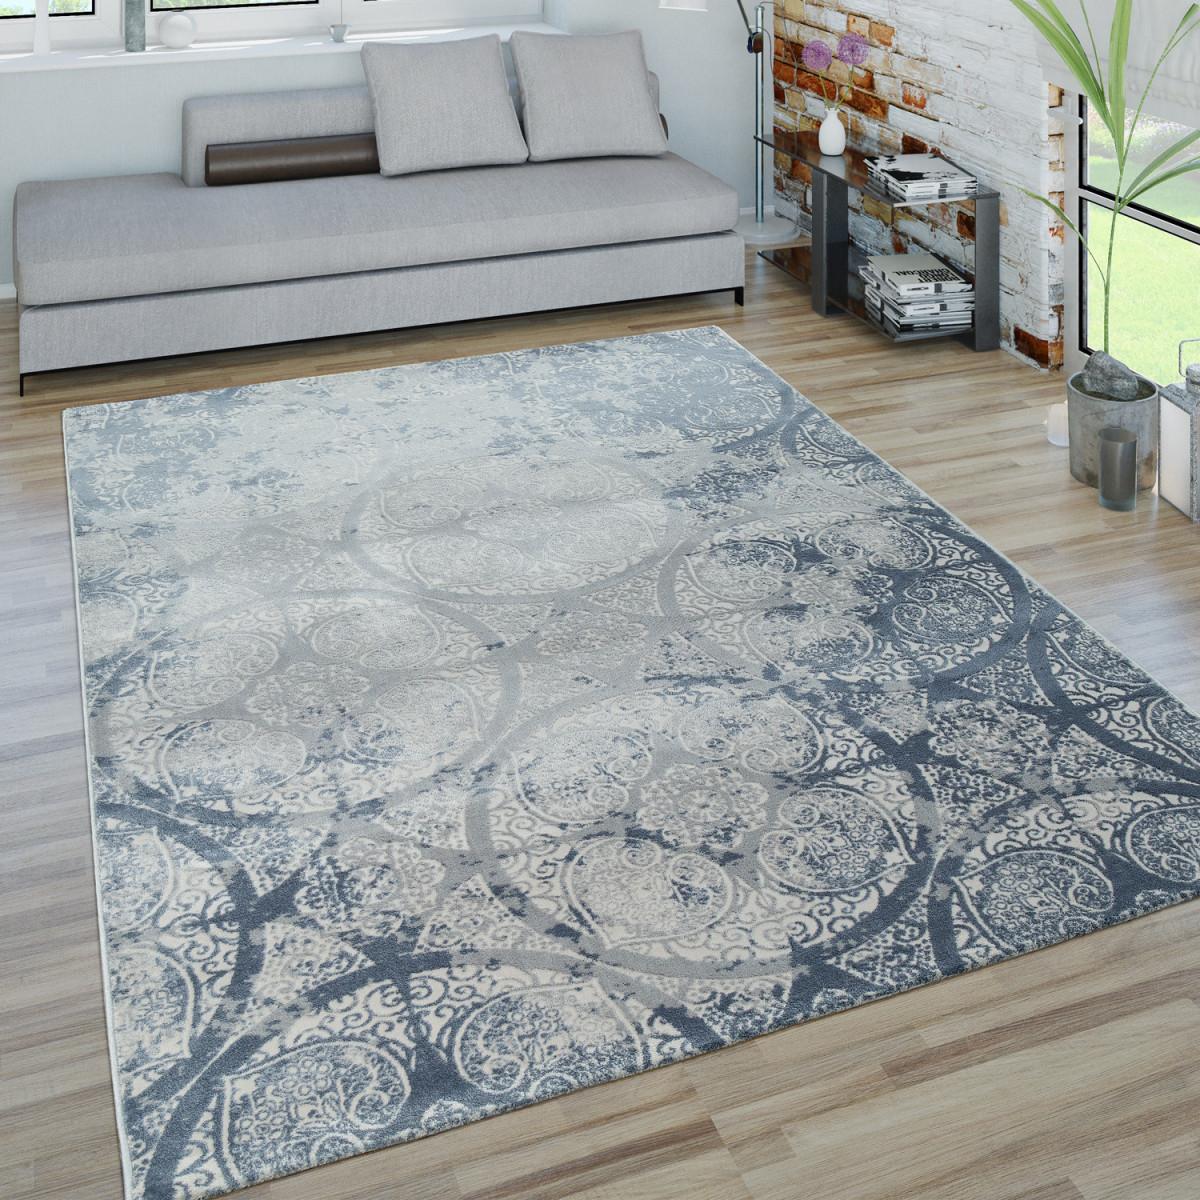 Kurzflor Wohnzimmer Teppich 3Doptik Ornamente Geometrisches Design In Blau  Grau von Wohnzimmer Teppich Blau Bild